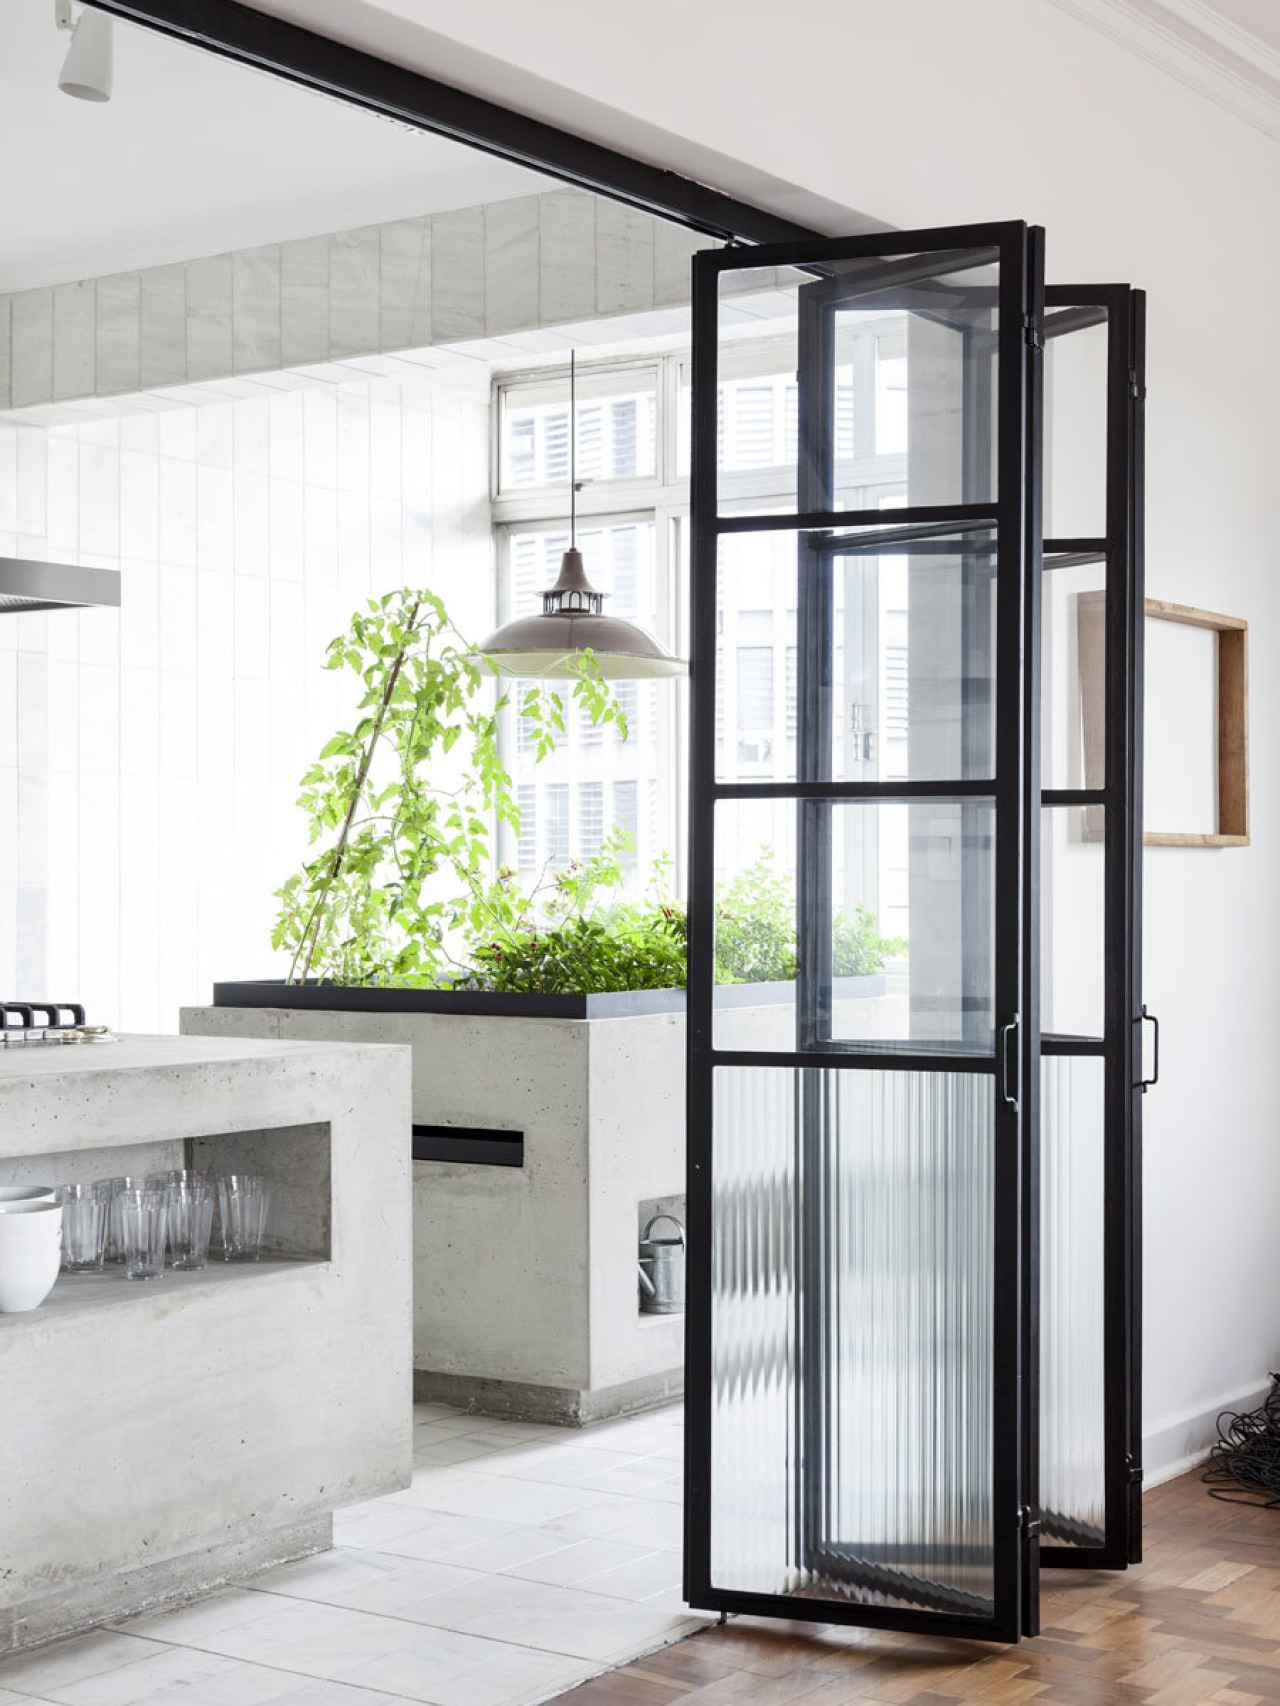 Foto cocinas cerramiento cristal de irene villaverde - Cristales para puertas de cocina ...